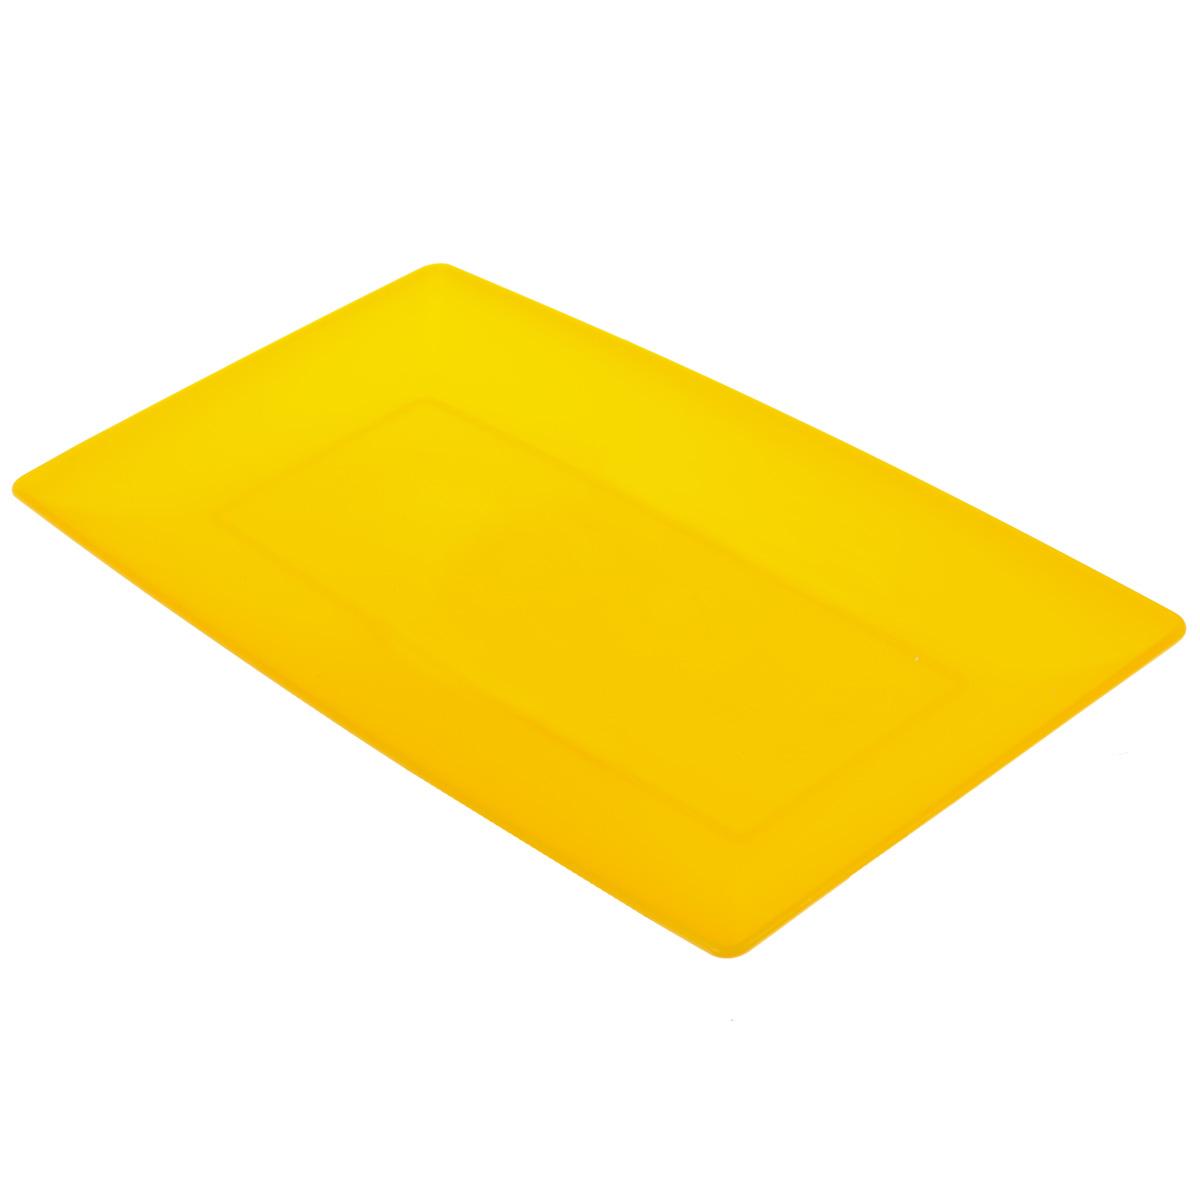 Тарелка глубокая Ucsan, цвет: оранжевый, 33 см х 18 смM-637Прямоугольная, глубокая тарелка Ucsan изготовлена из полипропилена и идеально подходит для сервировки стола. Тарелка Ucsan не только украсит ваш кухонный стол и подчеркнет прекрасный вкус хозяйки, но и станет отличным подарком. Размер тарелки: 33 см х 18 см х 1 см. УВАЖАЕМЫЕ КЛИЕНТЫ! Товар поставляется в цветовом ассортименте. Поставка осуществляется в зависимости от наличия на складе.